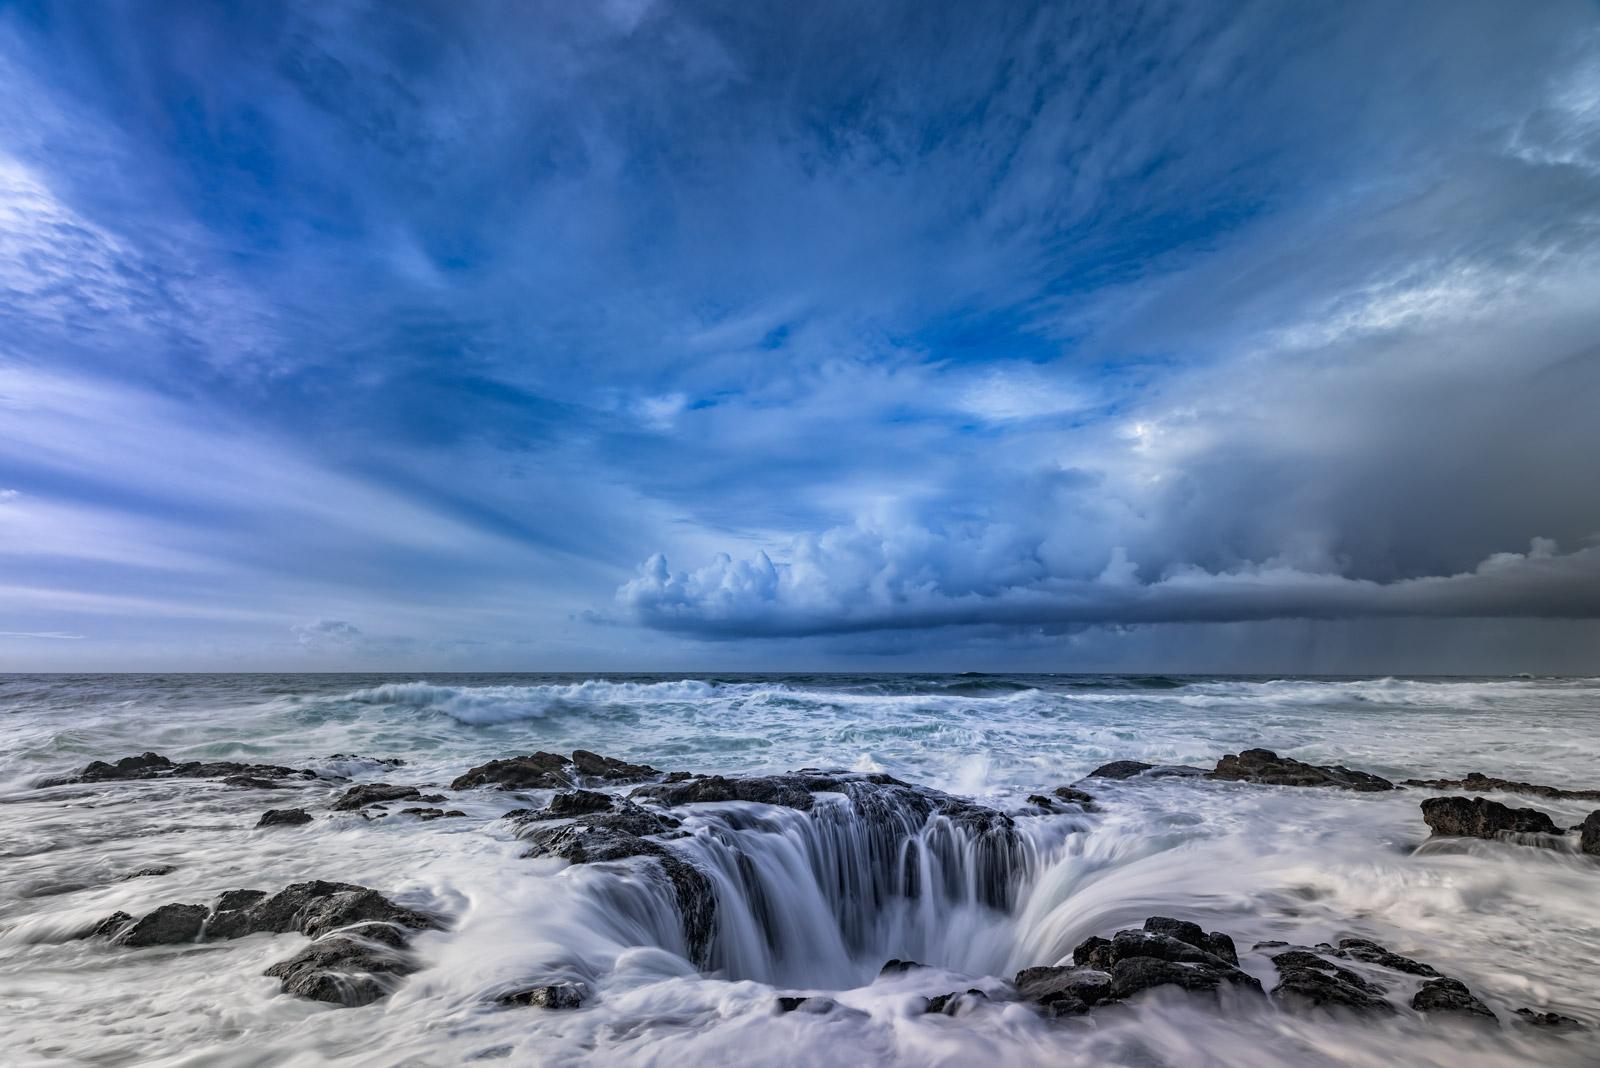 Oregon, Cape Perpetua, Thors Well, Storm, Wave, coast, Oregon Coast, Pacific Coast, photo